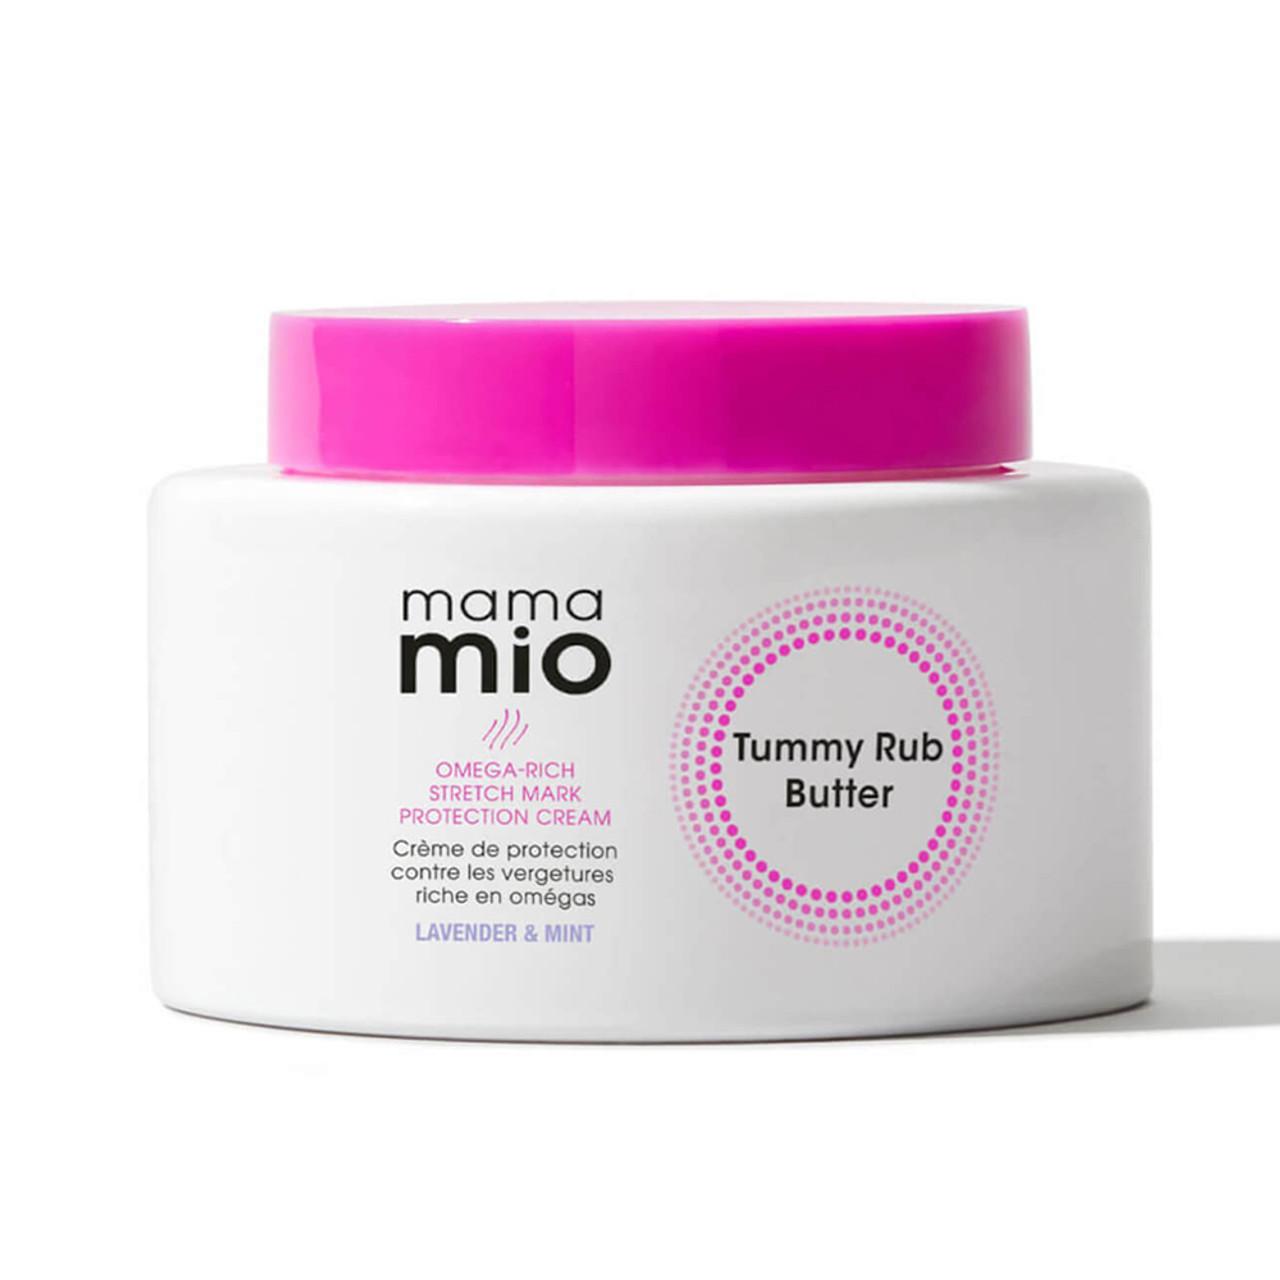 Mama Mio Tummy Rub Butter - Lavender & Mint